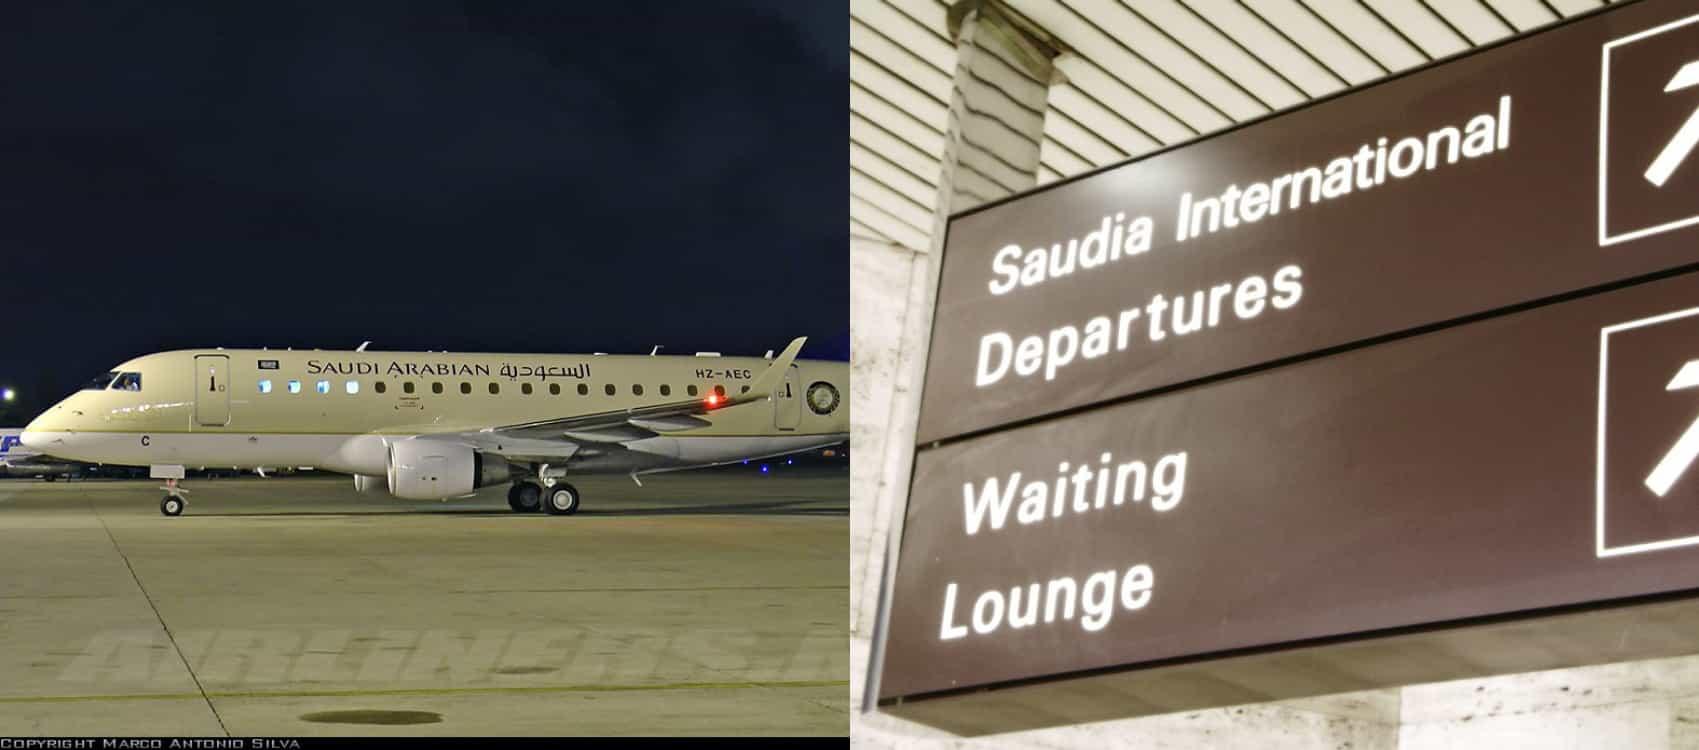 Saudi Arabia Visa Requirements for Kenyan Citizens 2019